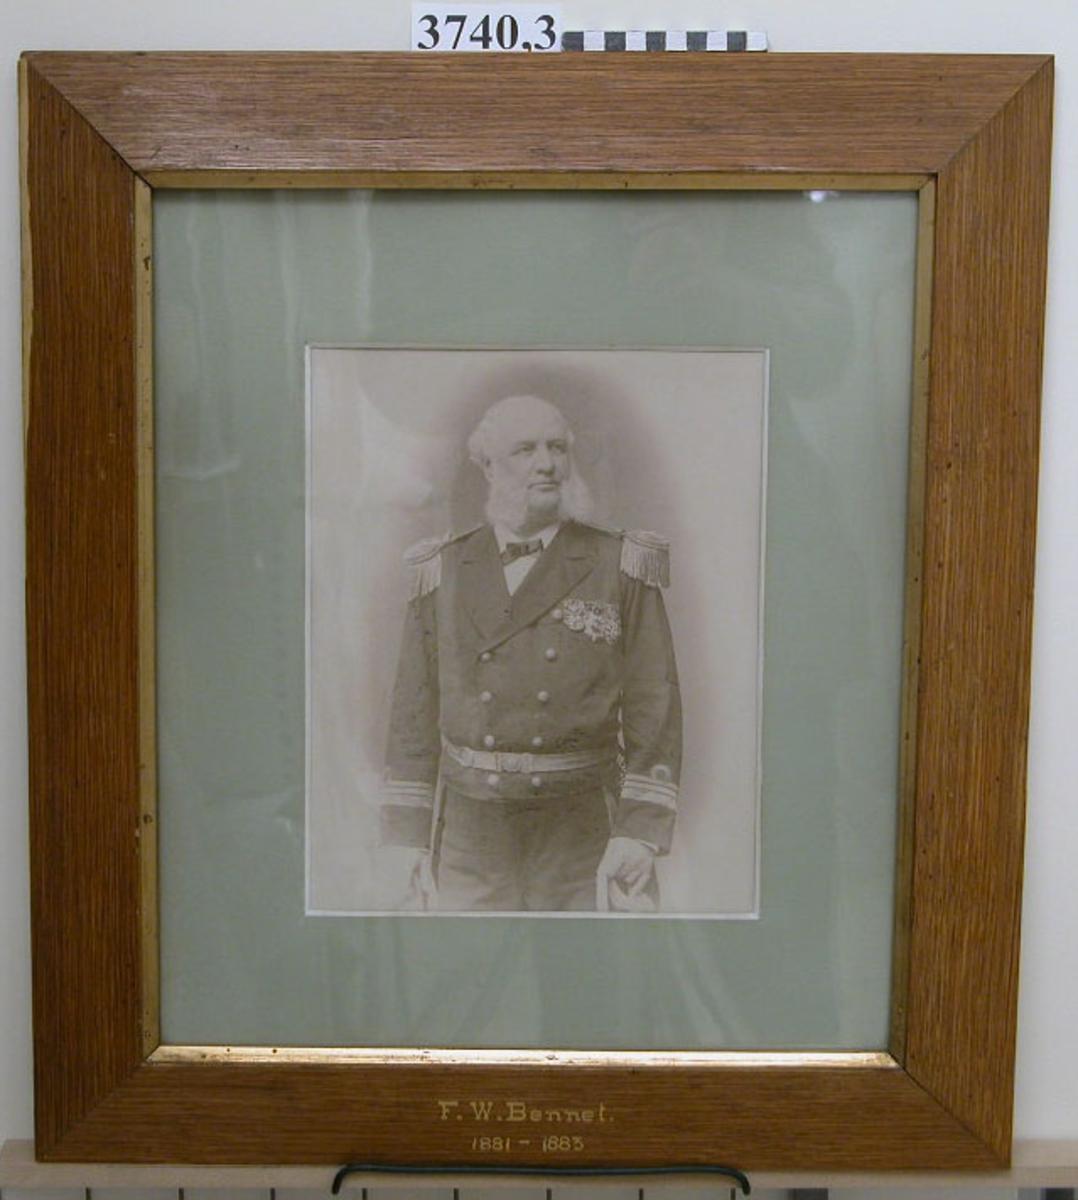 Fotografi F W Bennet 1881-83. 25 st fotografier inom glas och ram, av ekfanér, av porträtt av cheferna för Skeppsgossekåren i Karlskrona åren 1875 - 1939. MM3740:1-25.